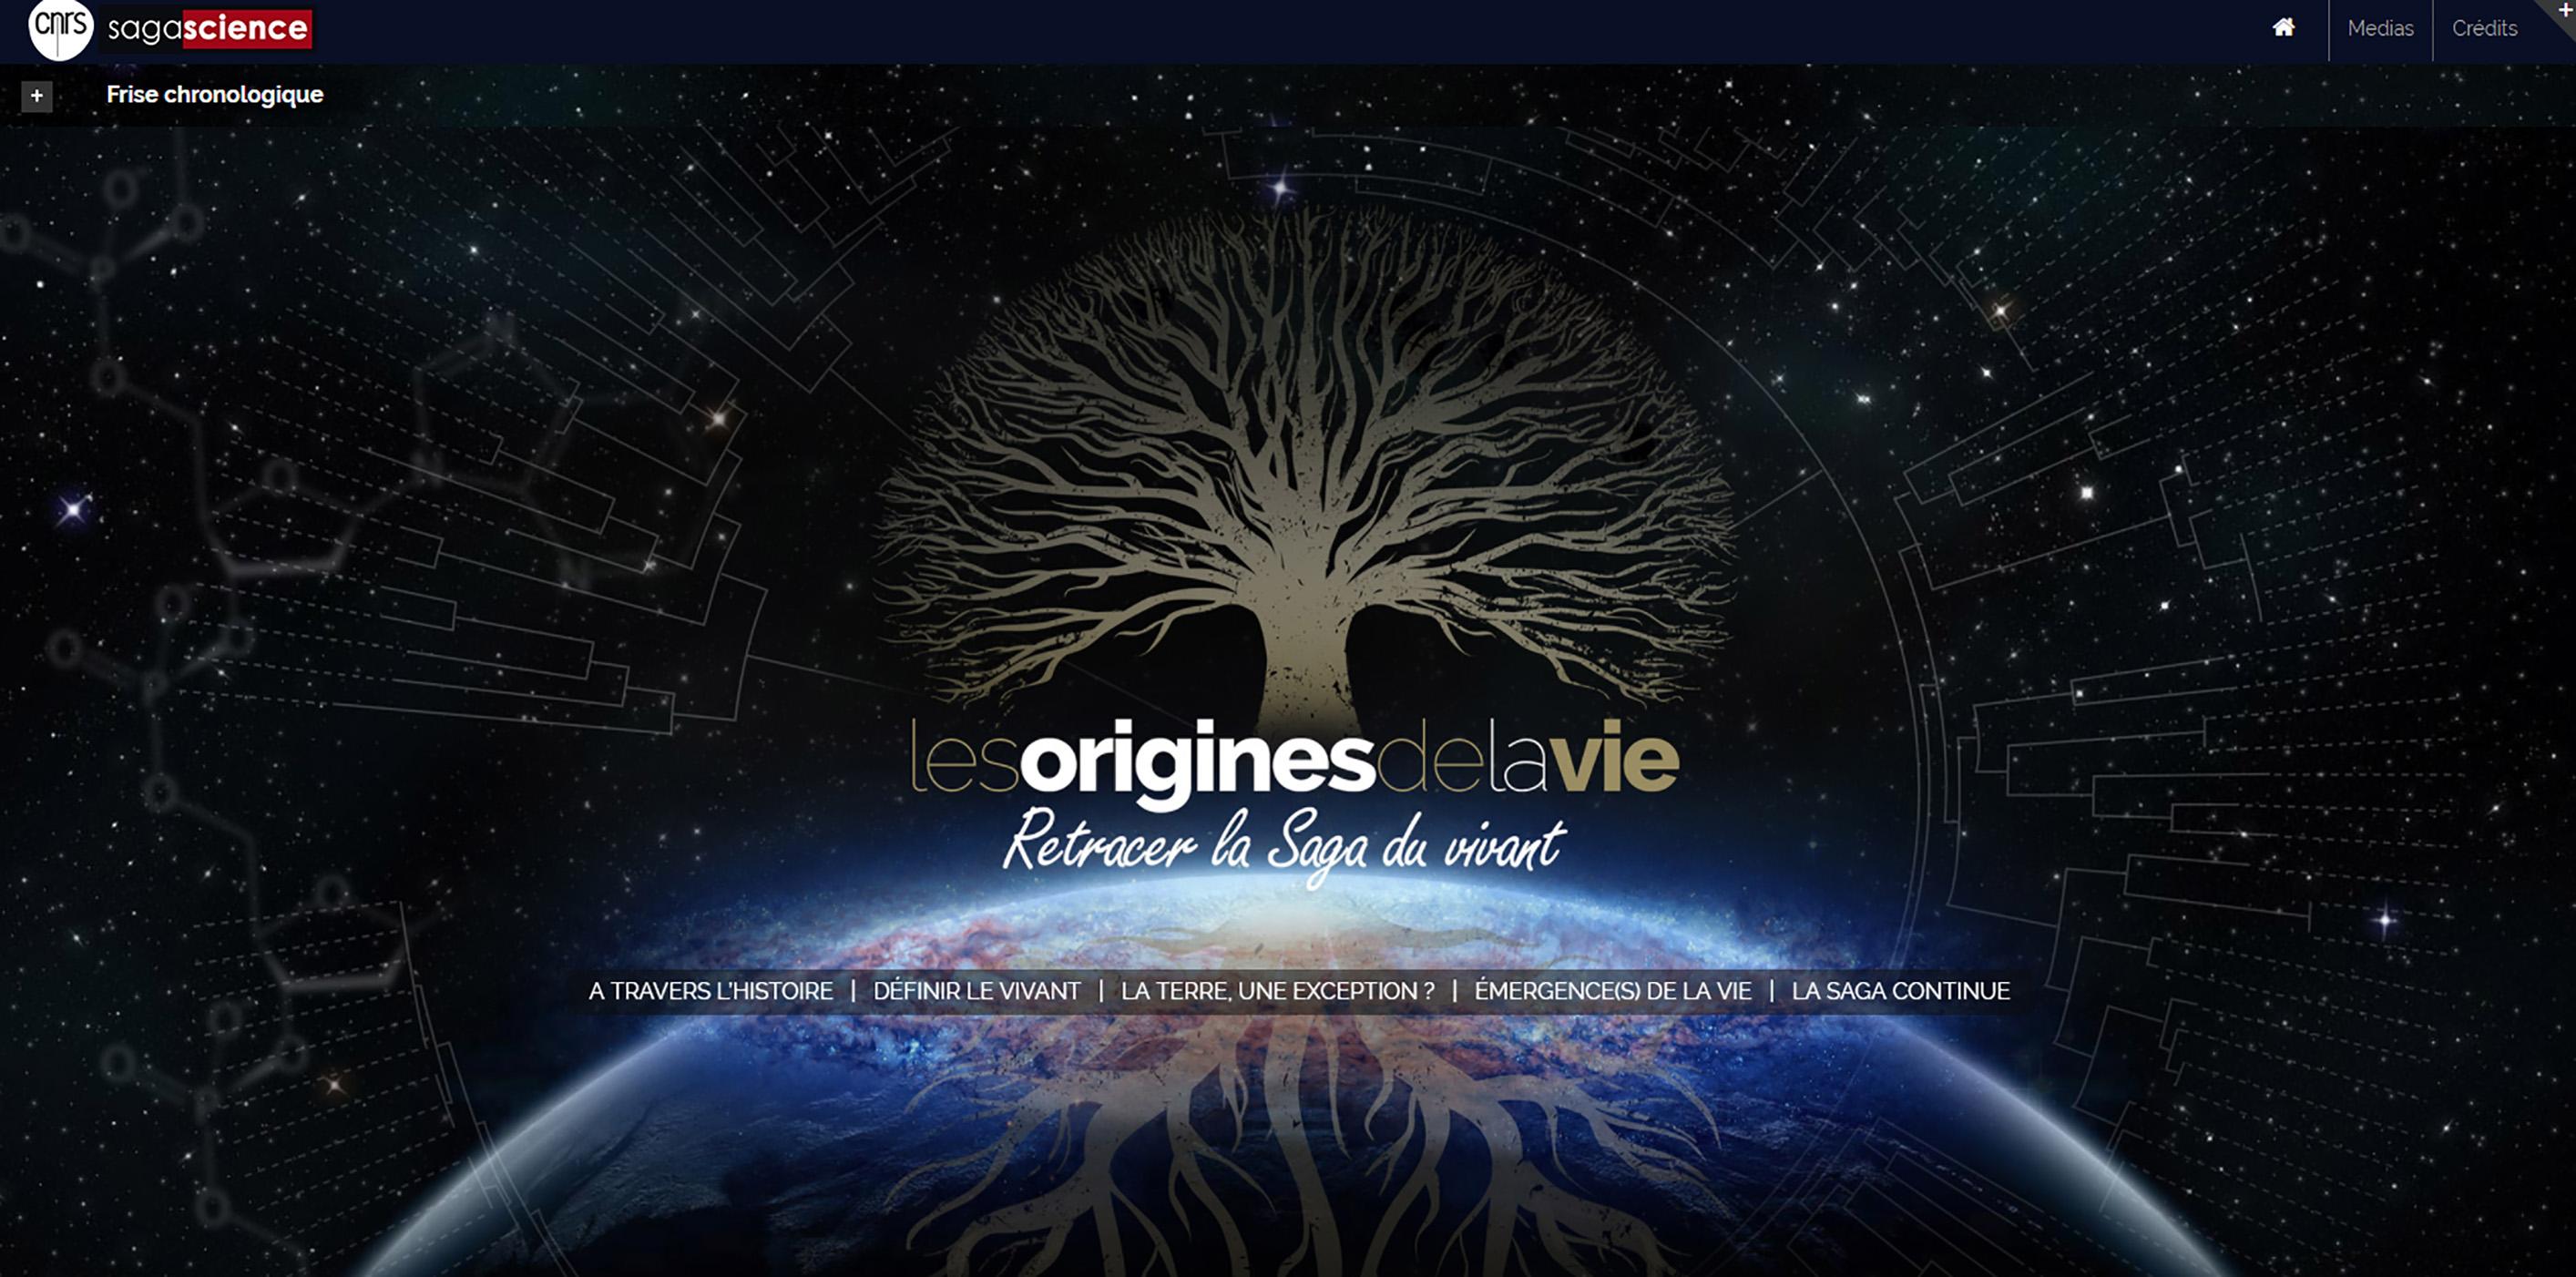 Site Les origines du vivant - CNRS/sagascience